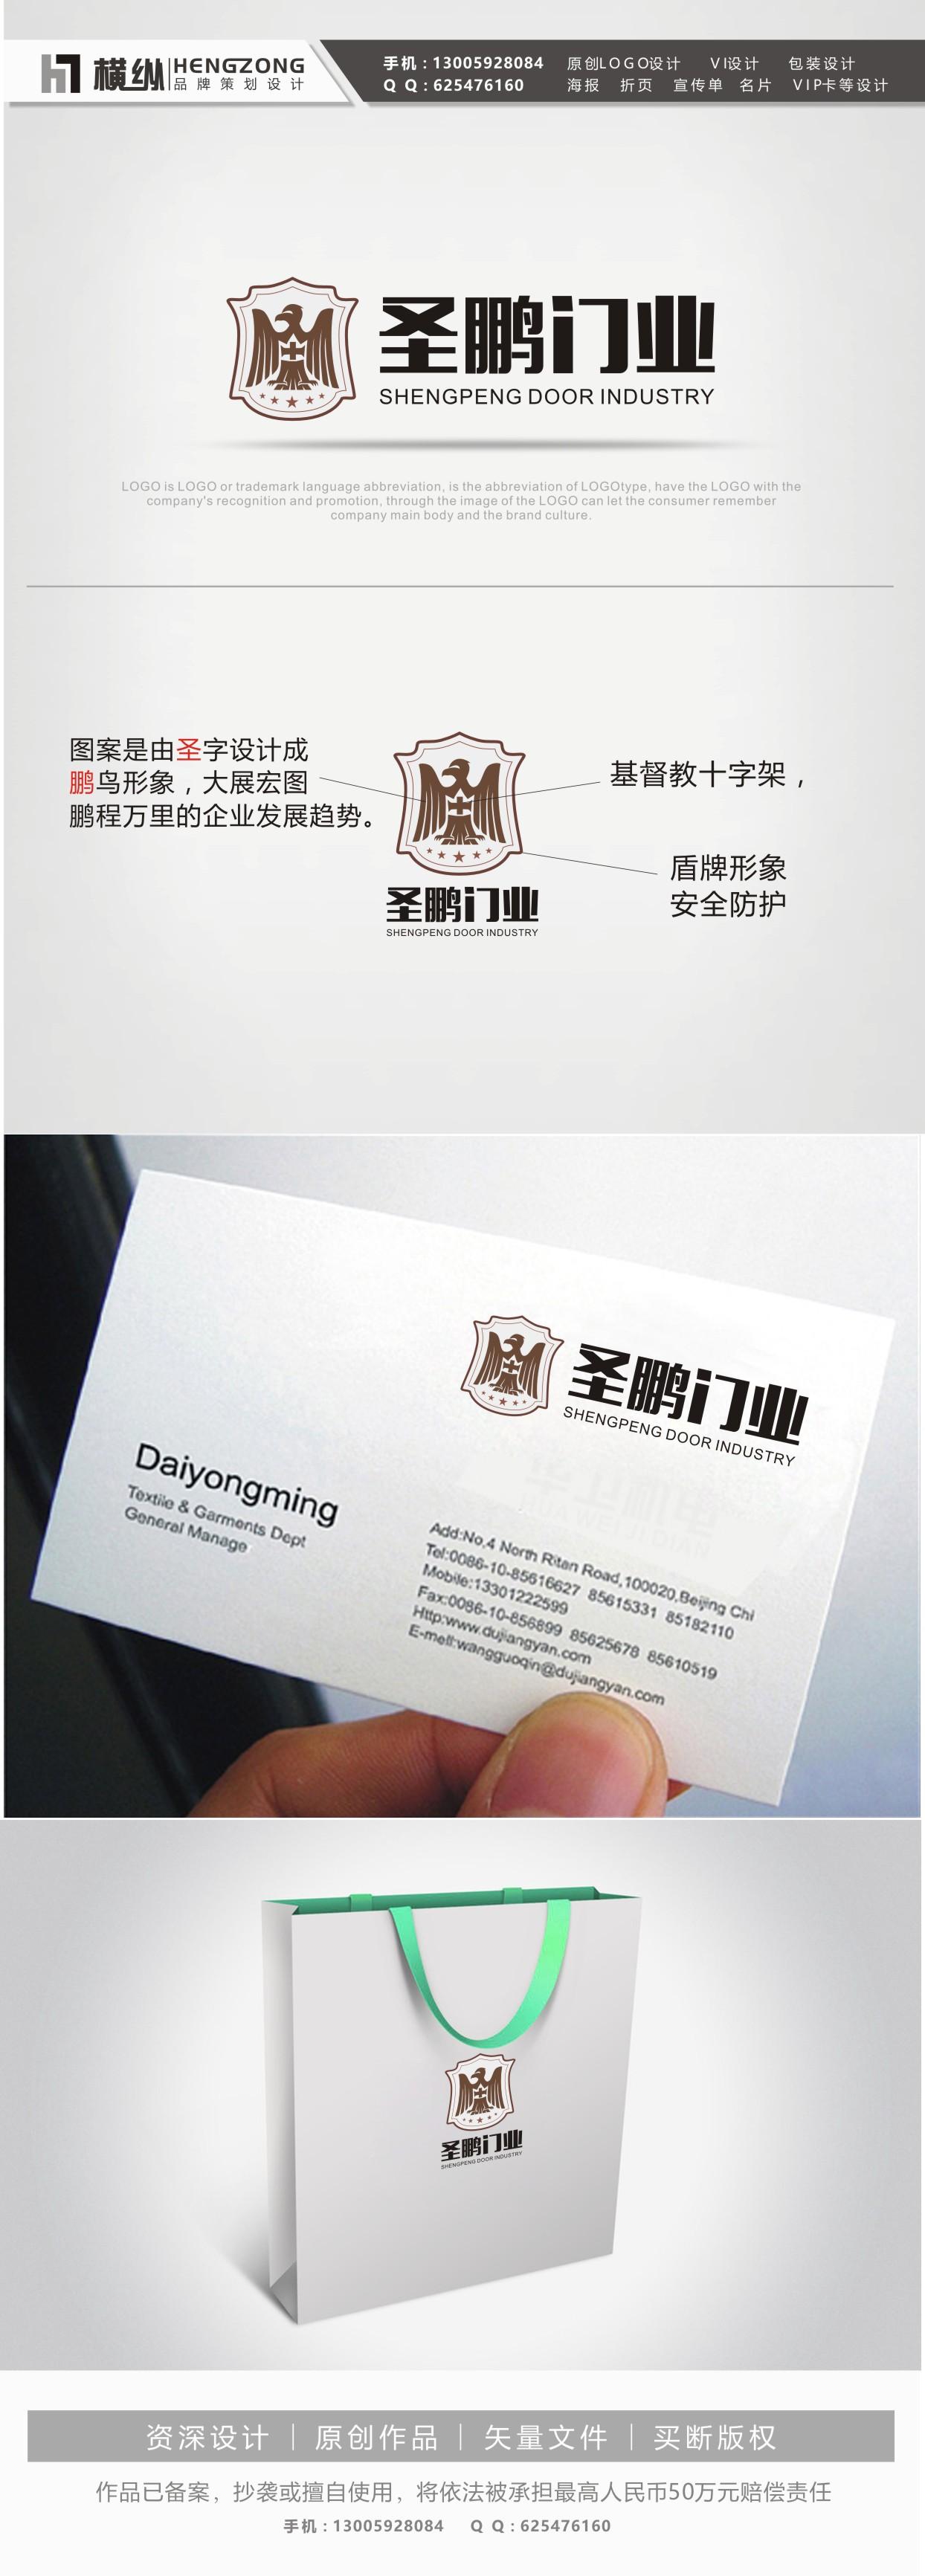 圣鹏门业logo设计_2940897_k68威客网